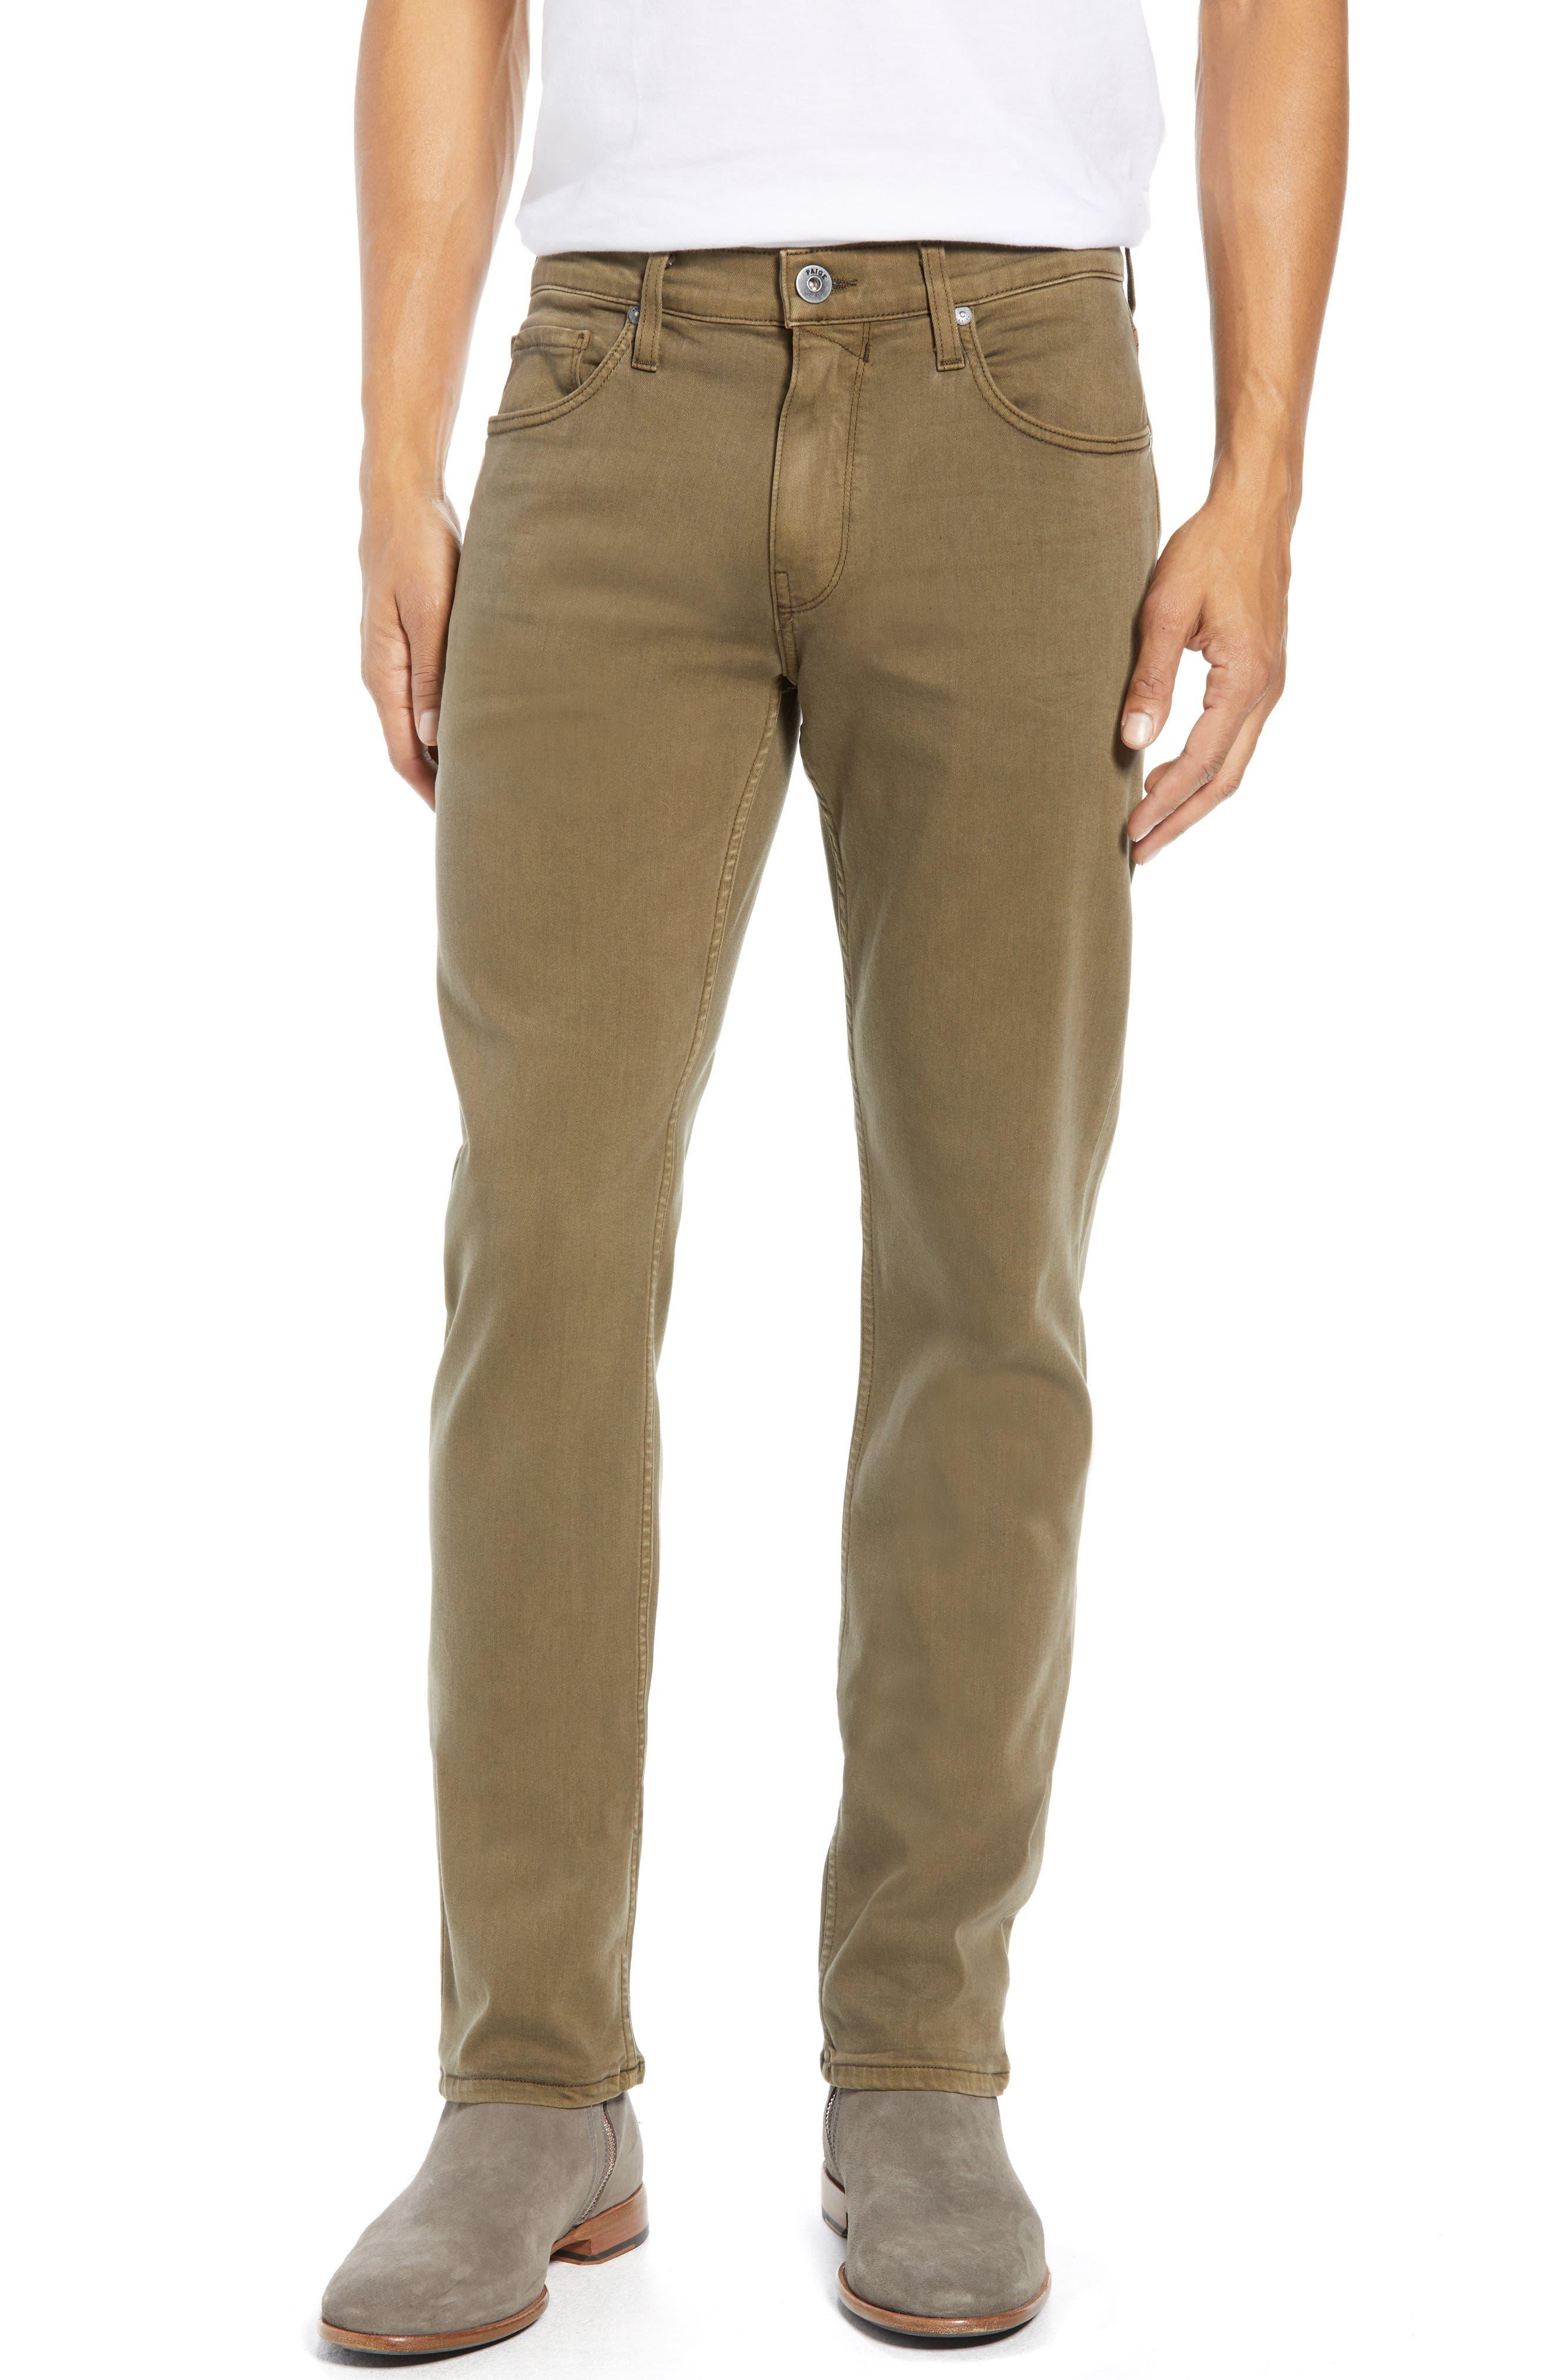 PAIGE Transcend - Federal Slim Straight Leg Jeans, Main, color, VINTAGE ARTICHOKE